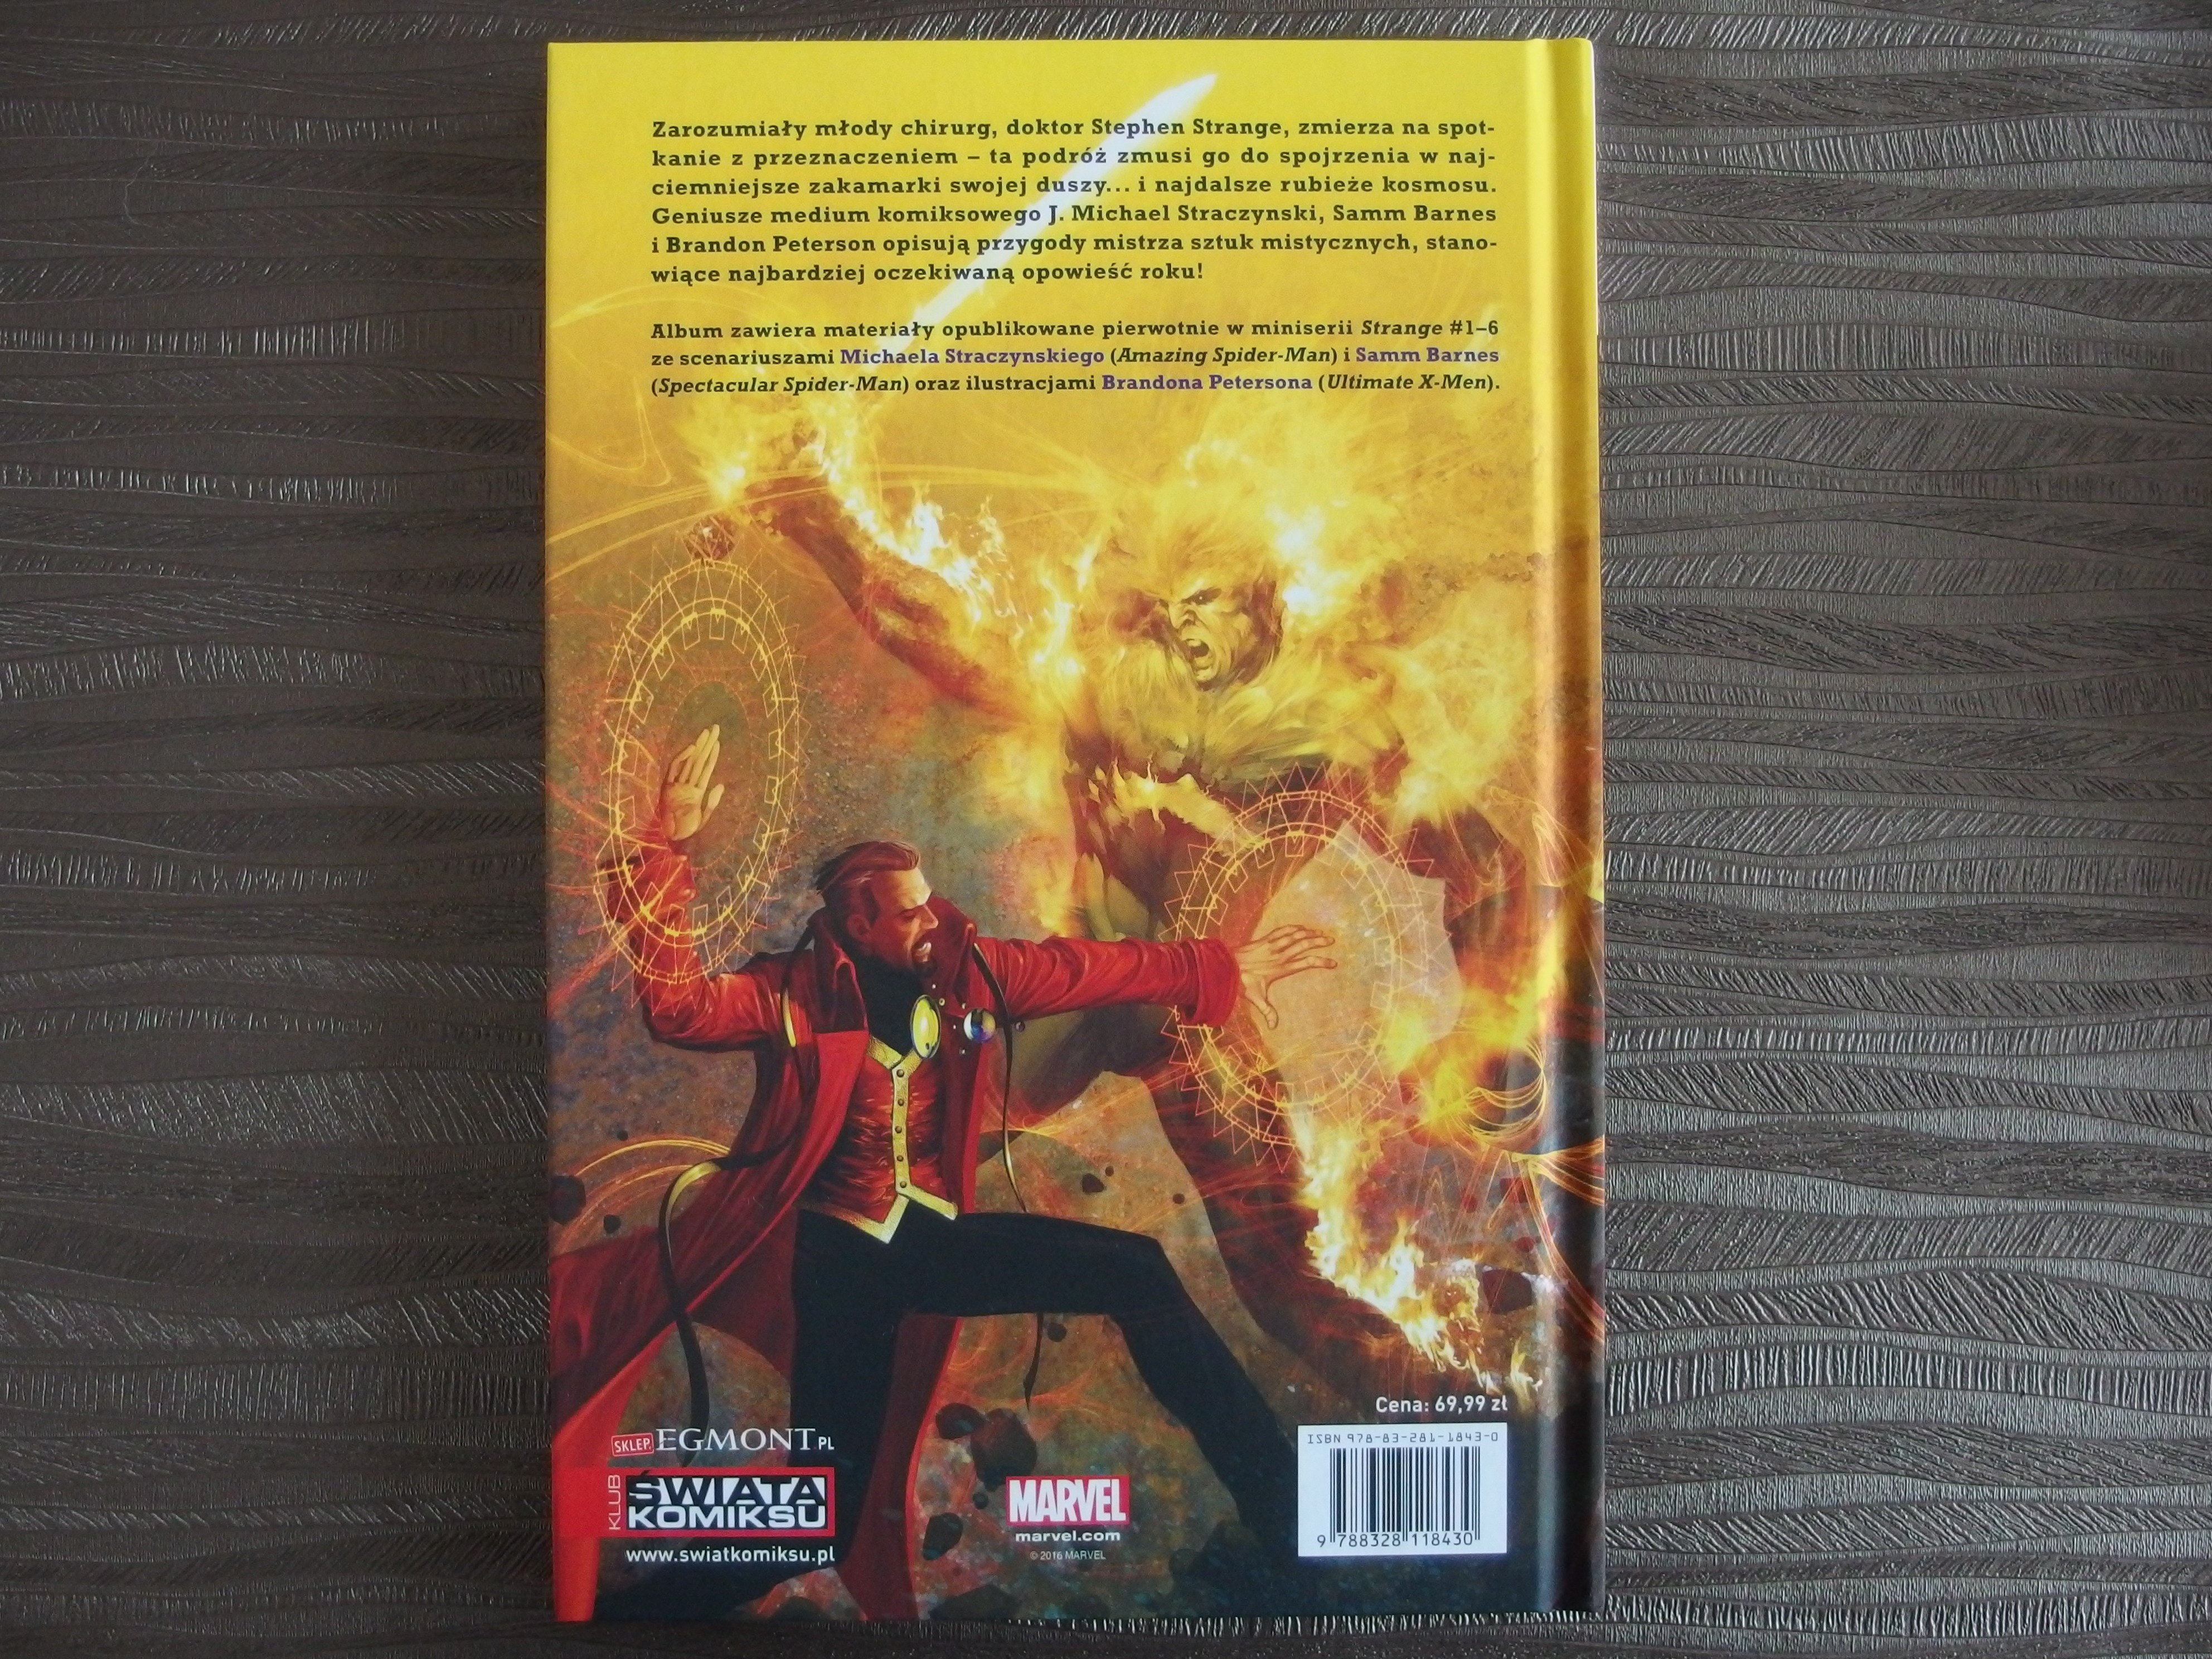 Doktor Strange: Początki i Zakończenia - okładka - tył